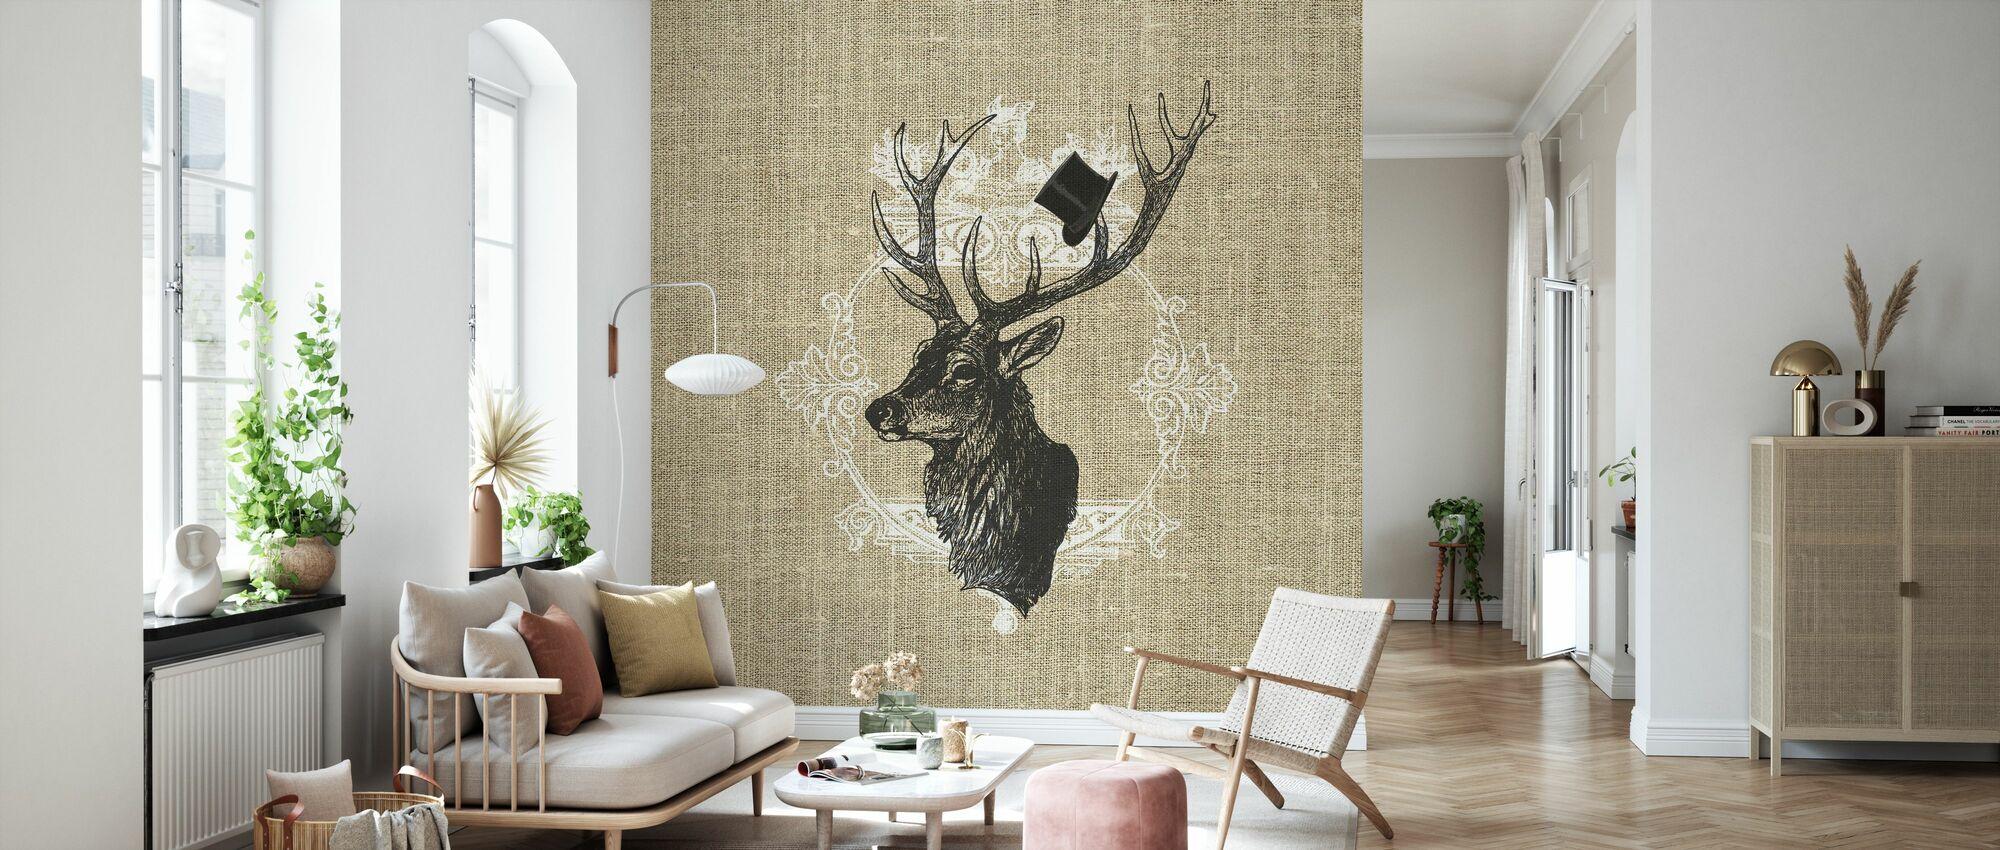 Gentleman Stag Linen - Wallpaper - Living Room